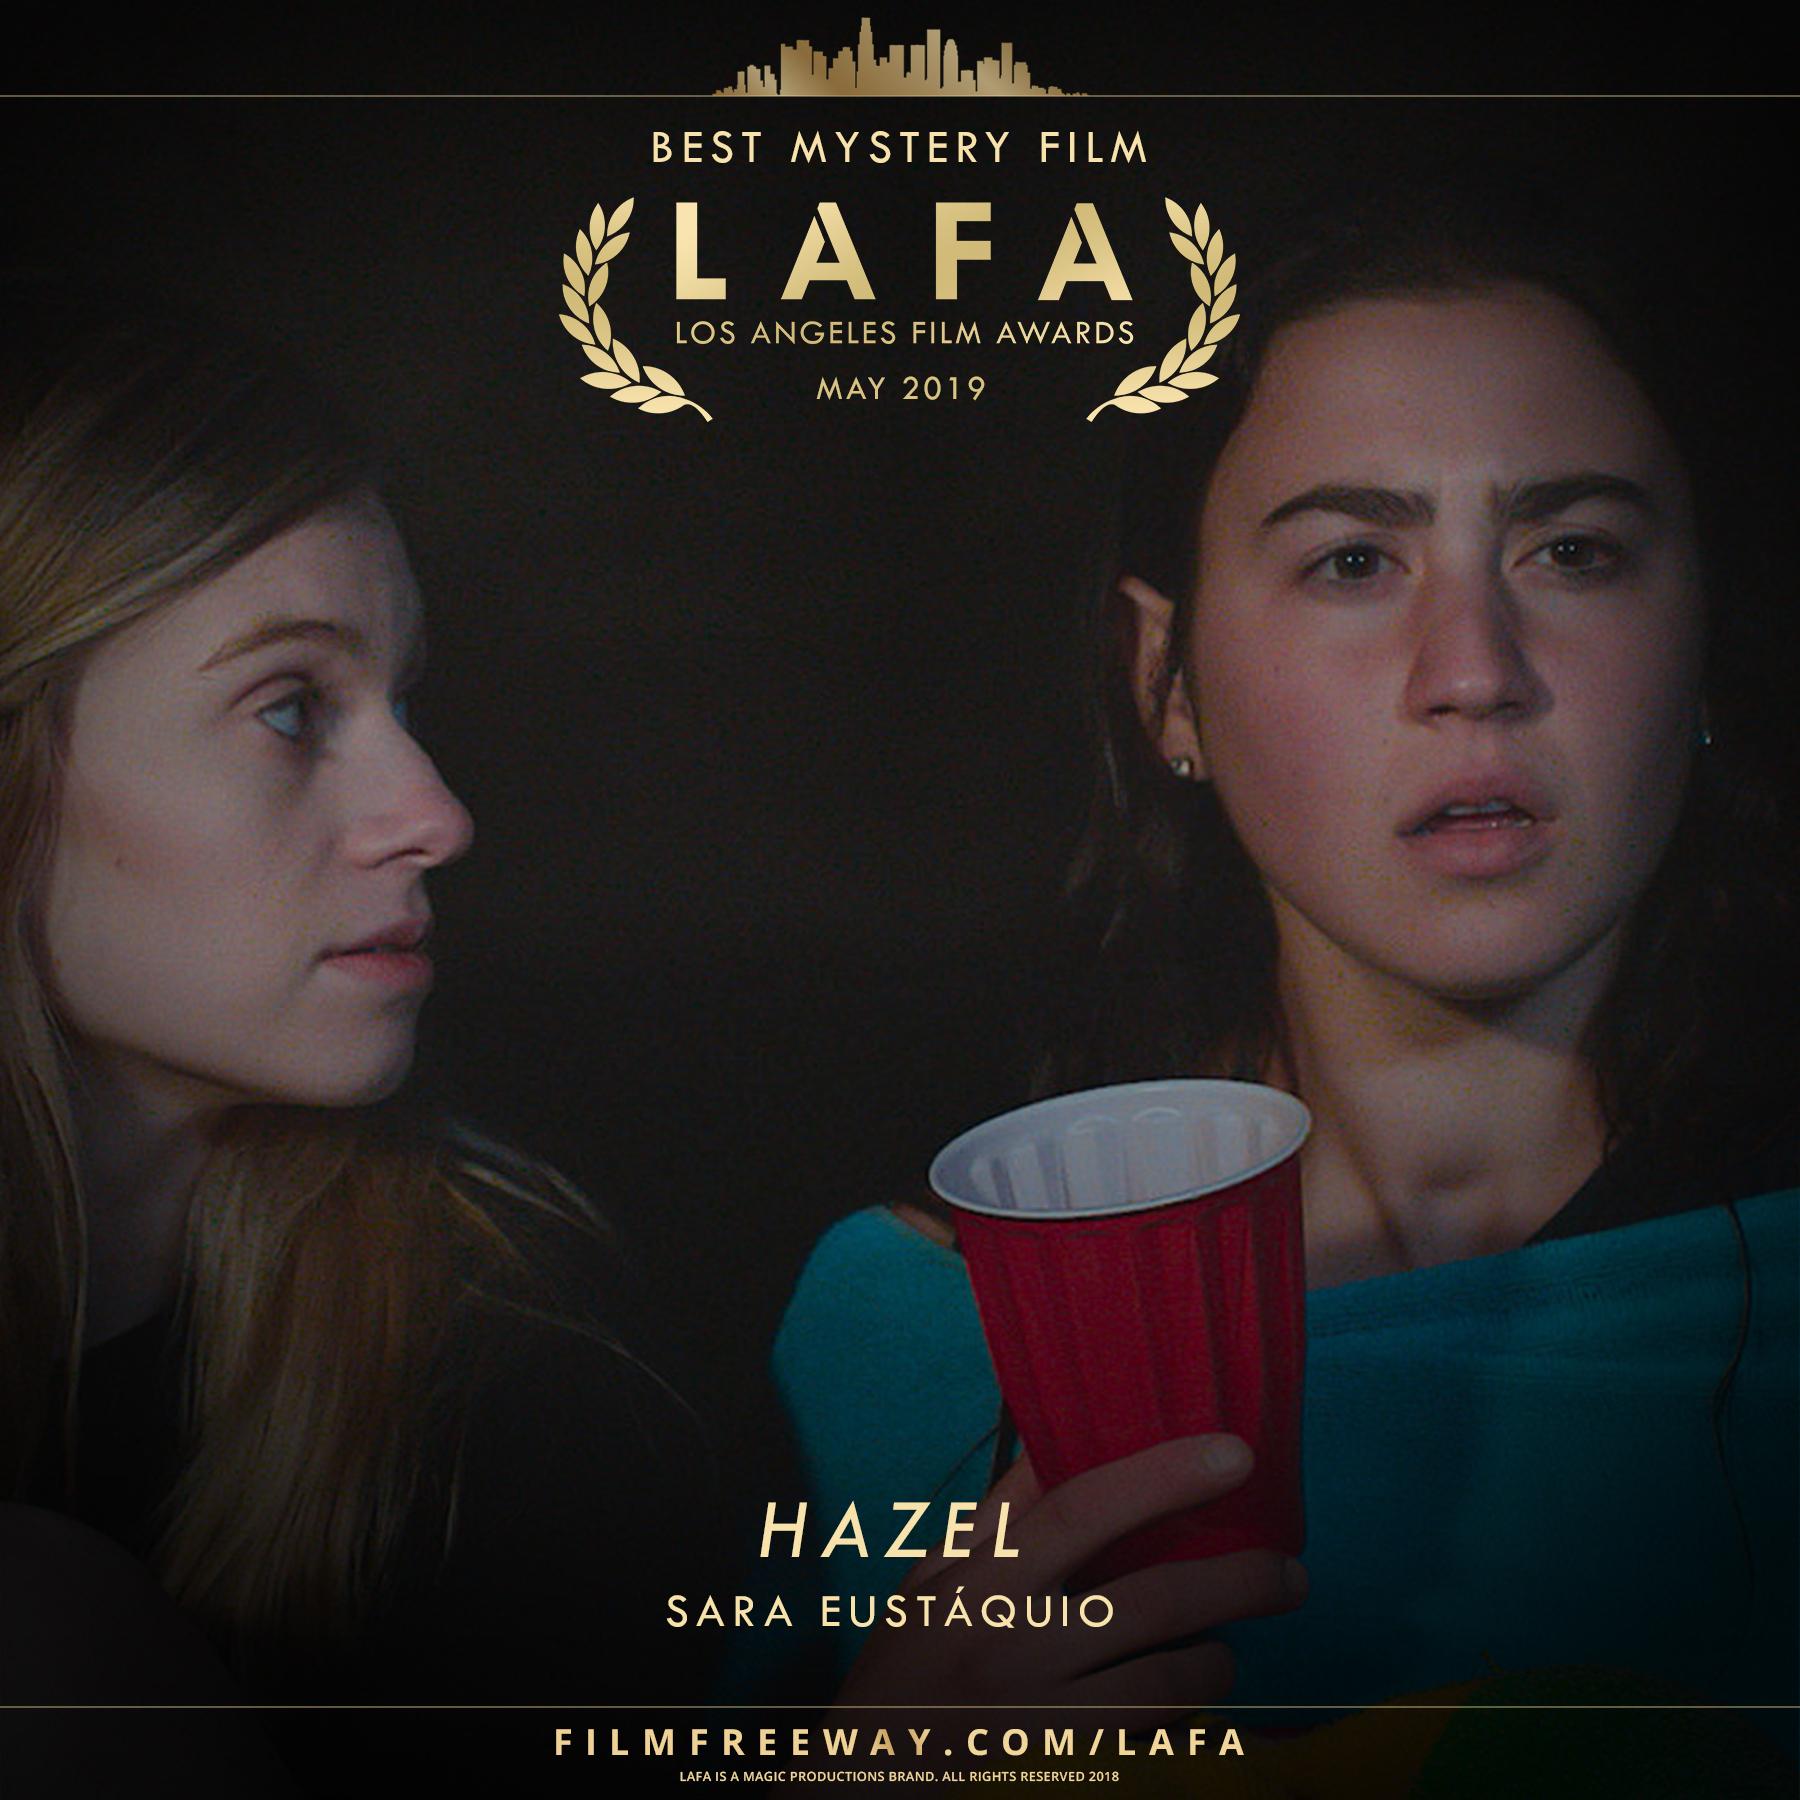 HAZEL design